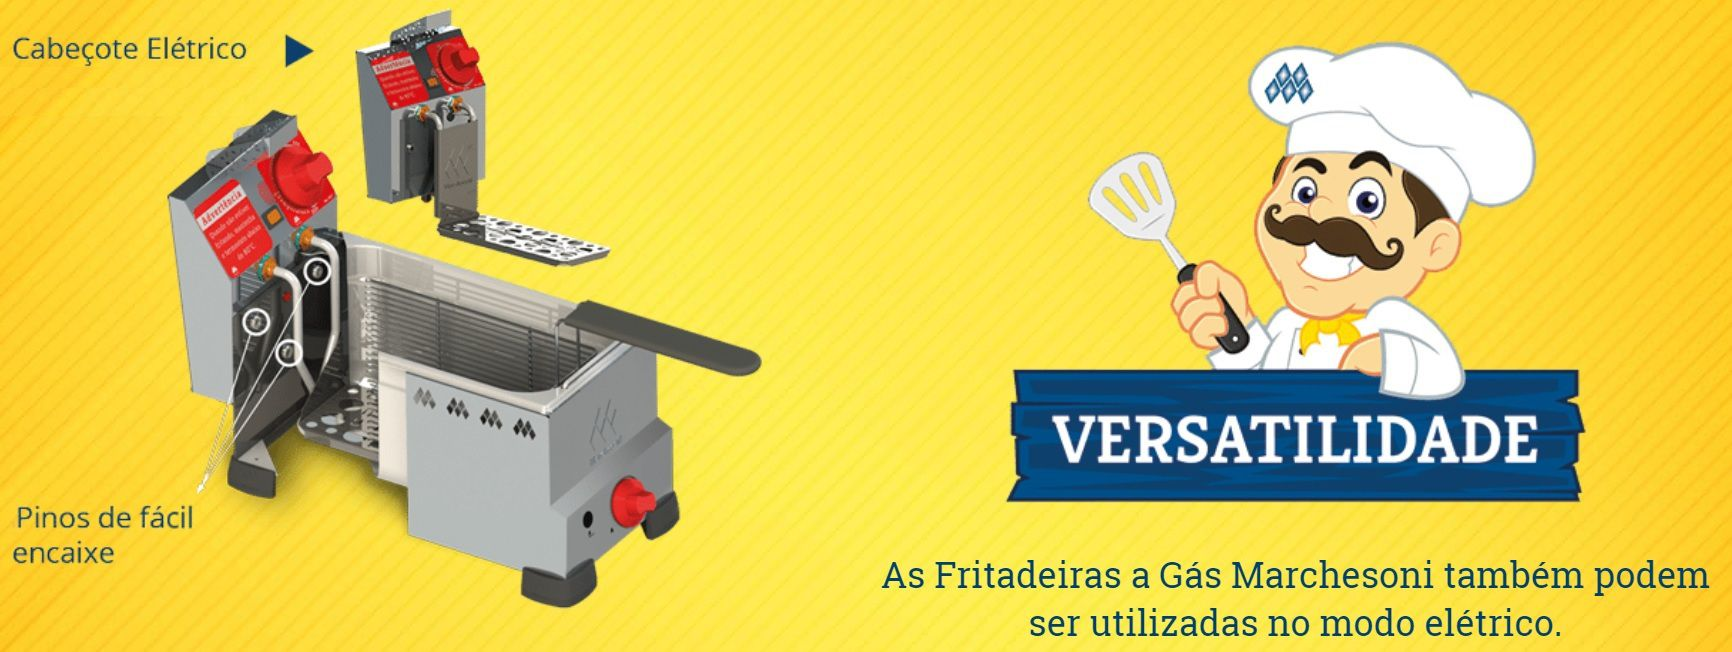 Cabeçote Elétrico para Fritadeiras de 4 ou 8 Litros a Gás Marchesoni - 5418/5425  - Carmel Equipamentos